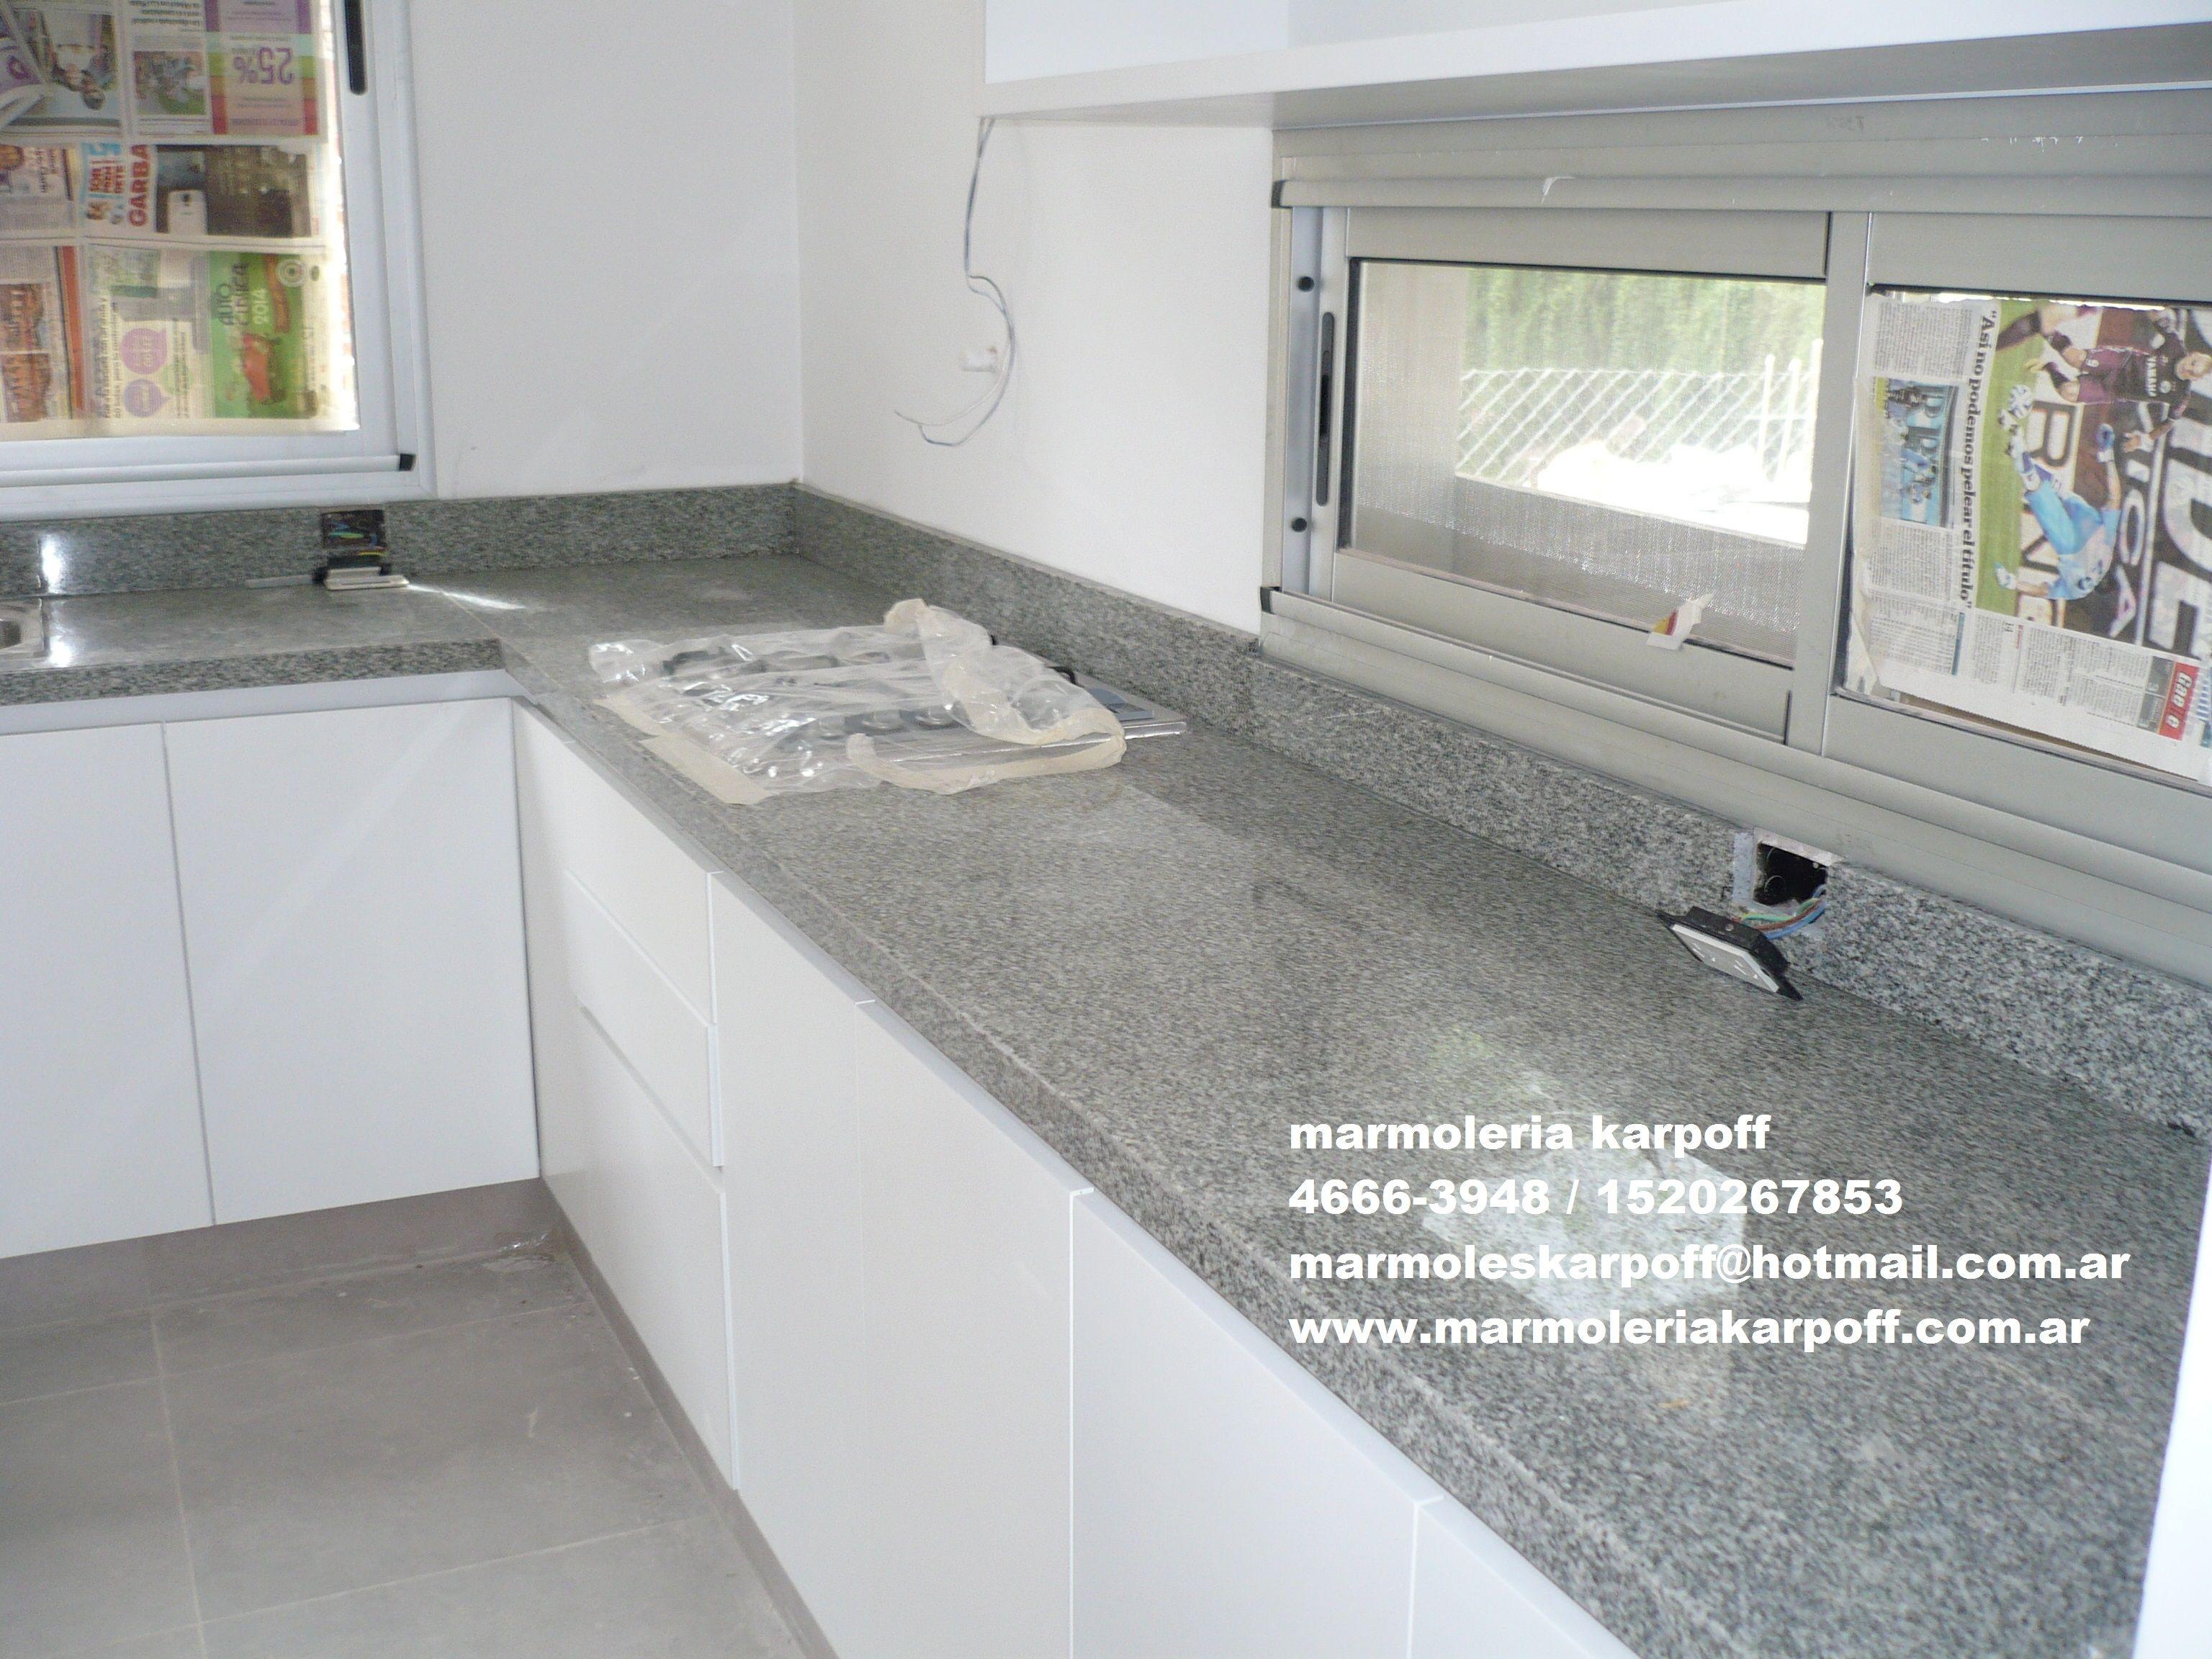 mesada en granito gris mara marmoler a karpoff